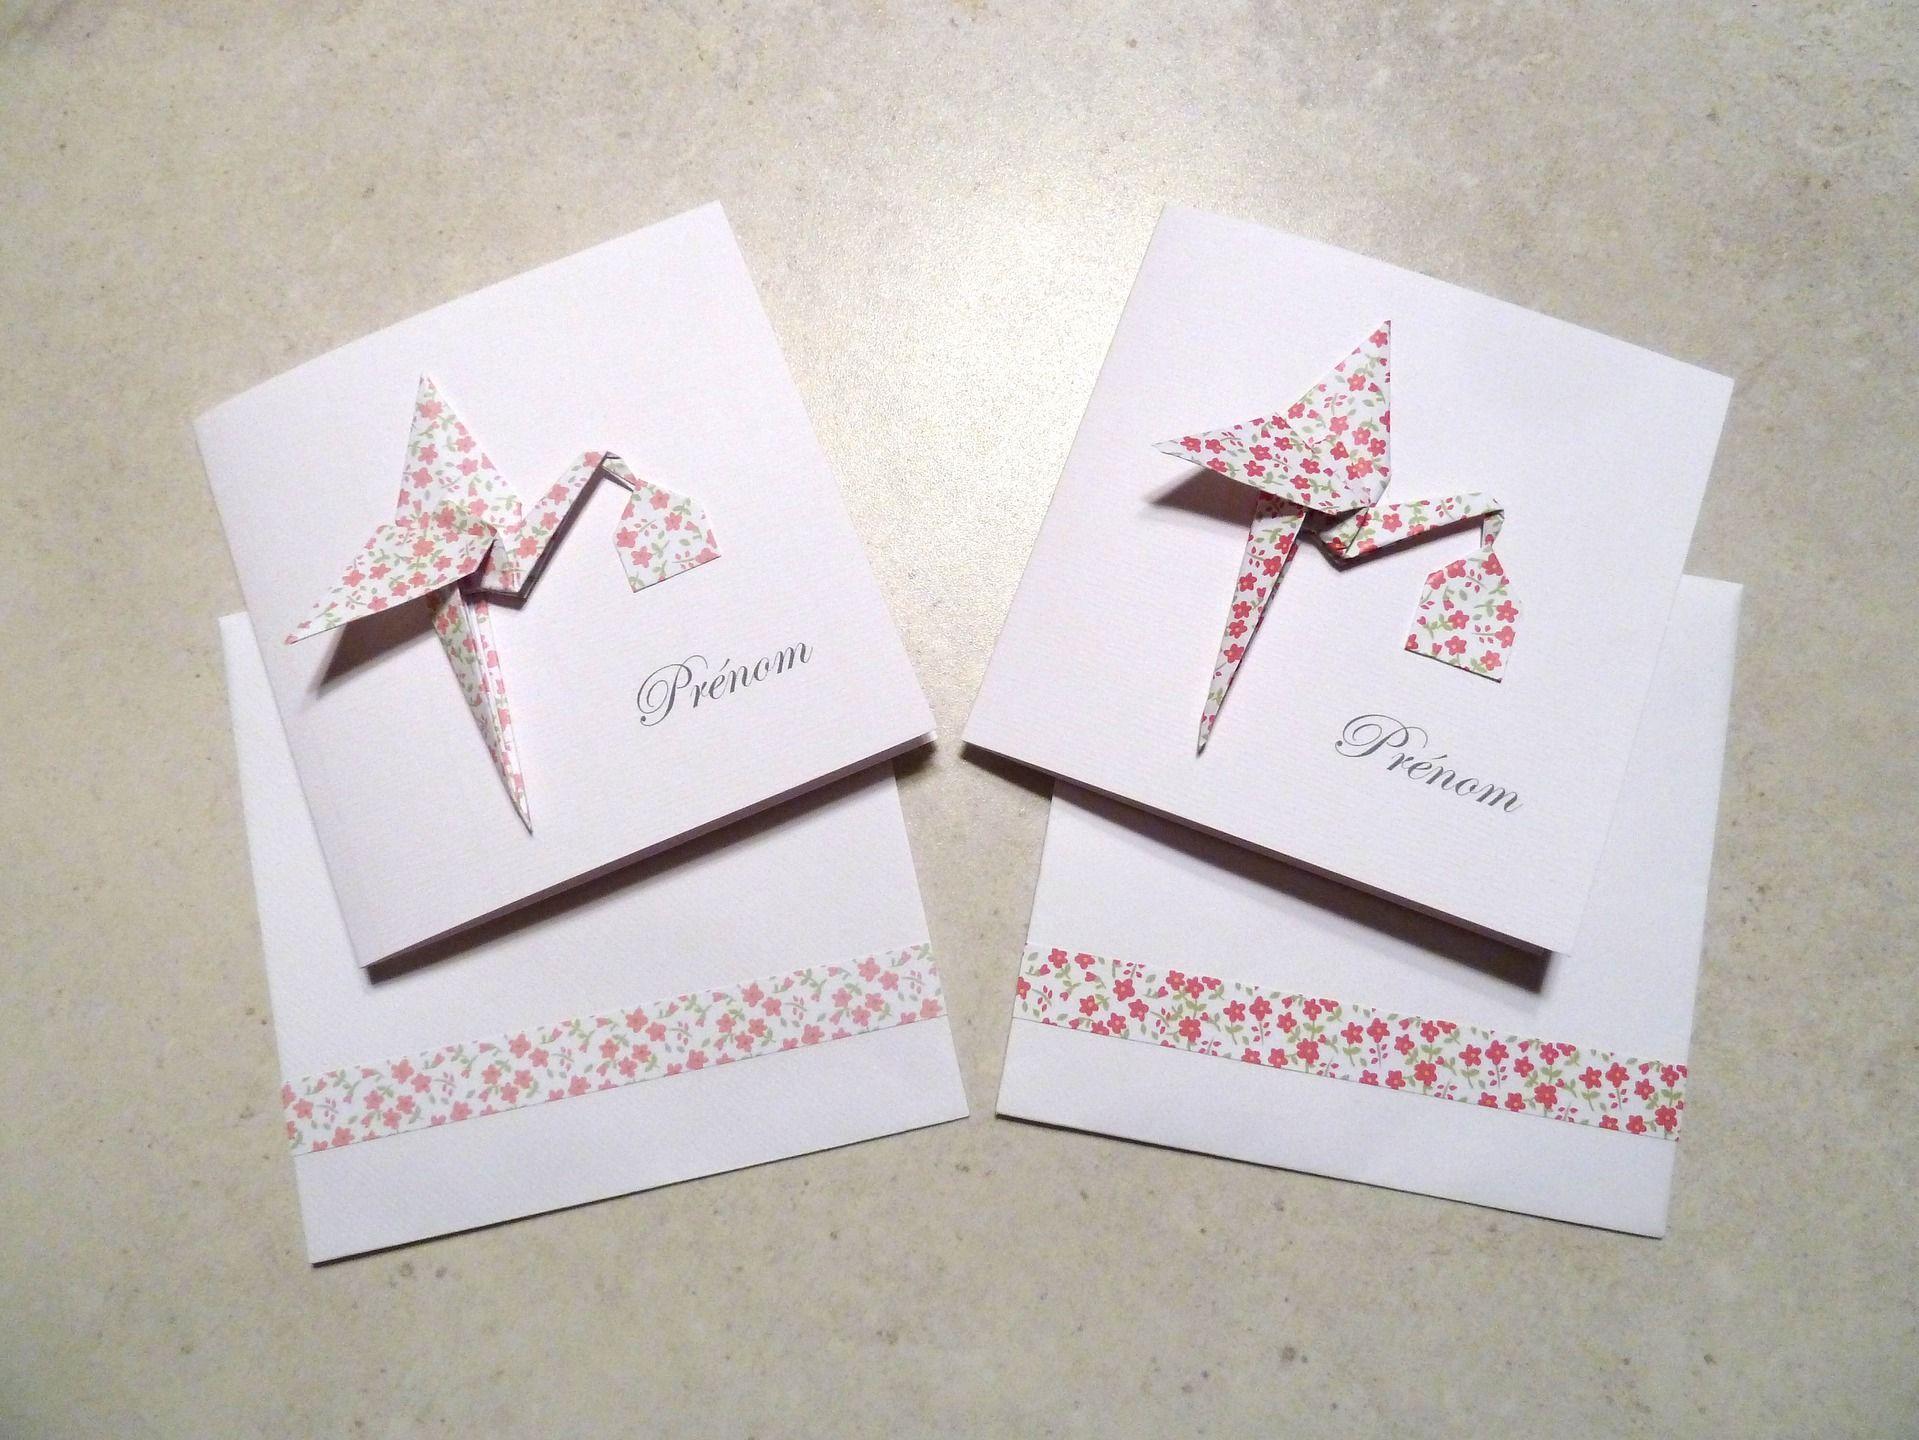 faire part de naissance en origami carte double papier verg cigogne origami framboise rose. Black Bedroom Furniture Sets. Home Design Ideas